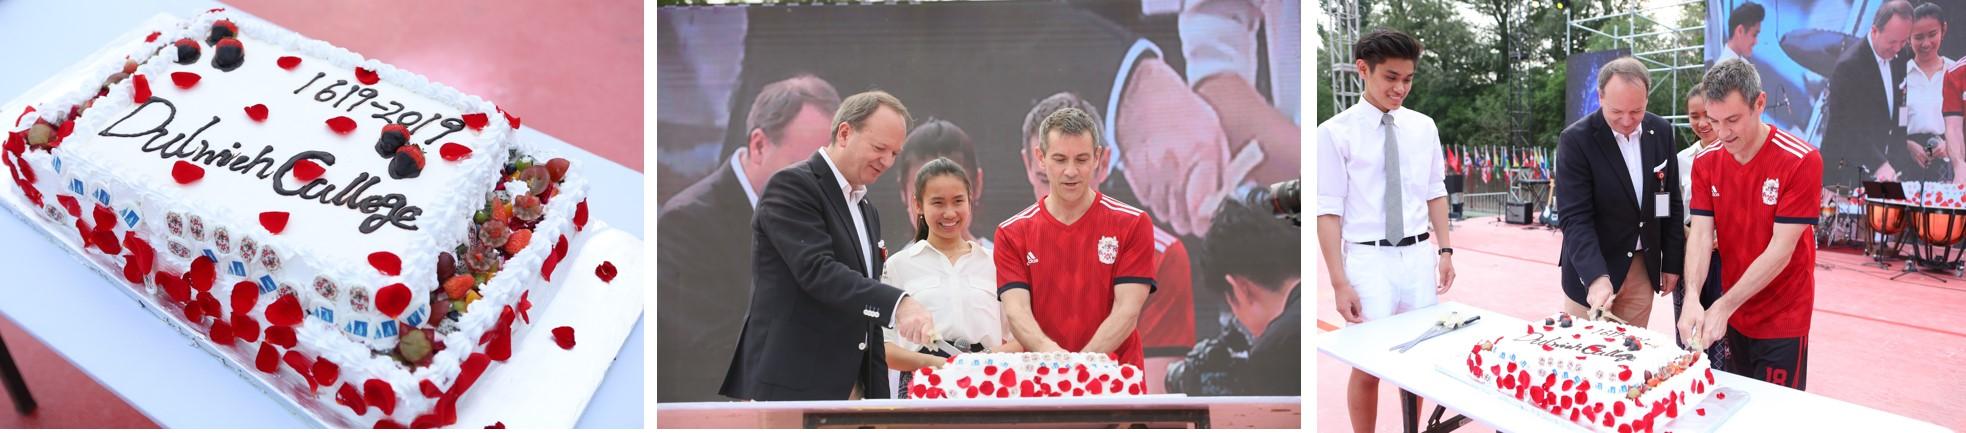 2019年北京德威创建日切蛋糕环节